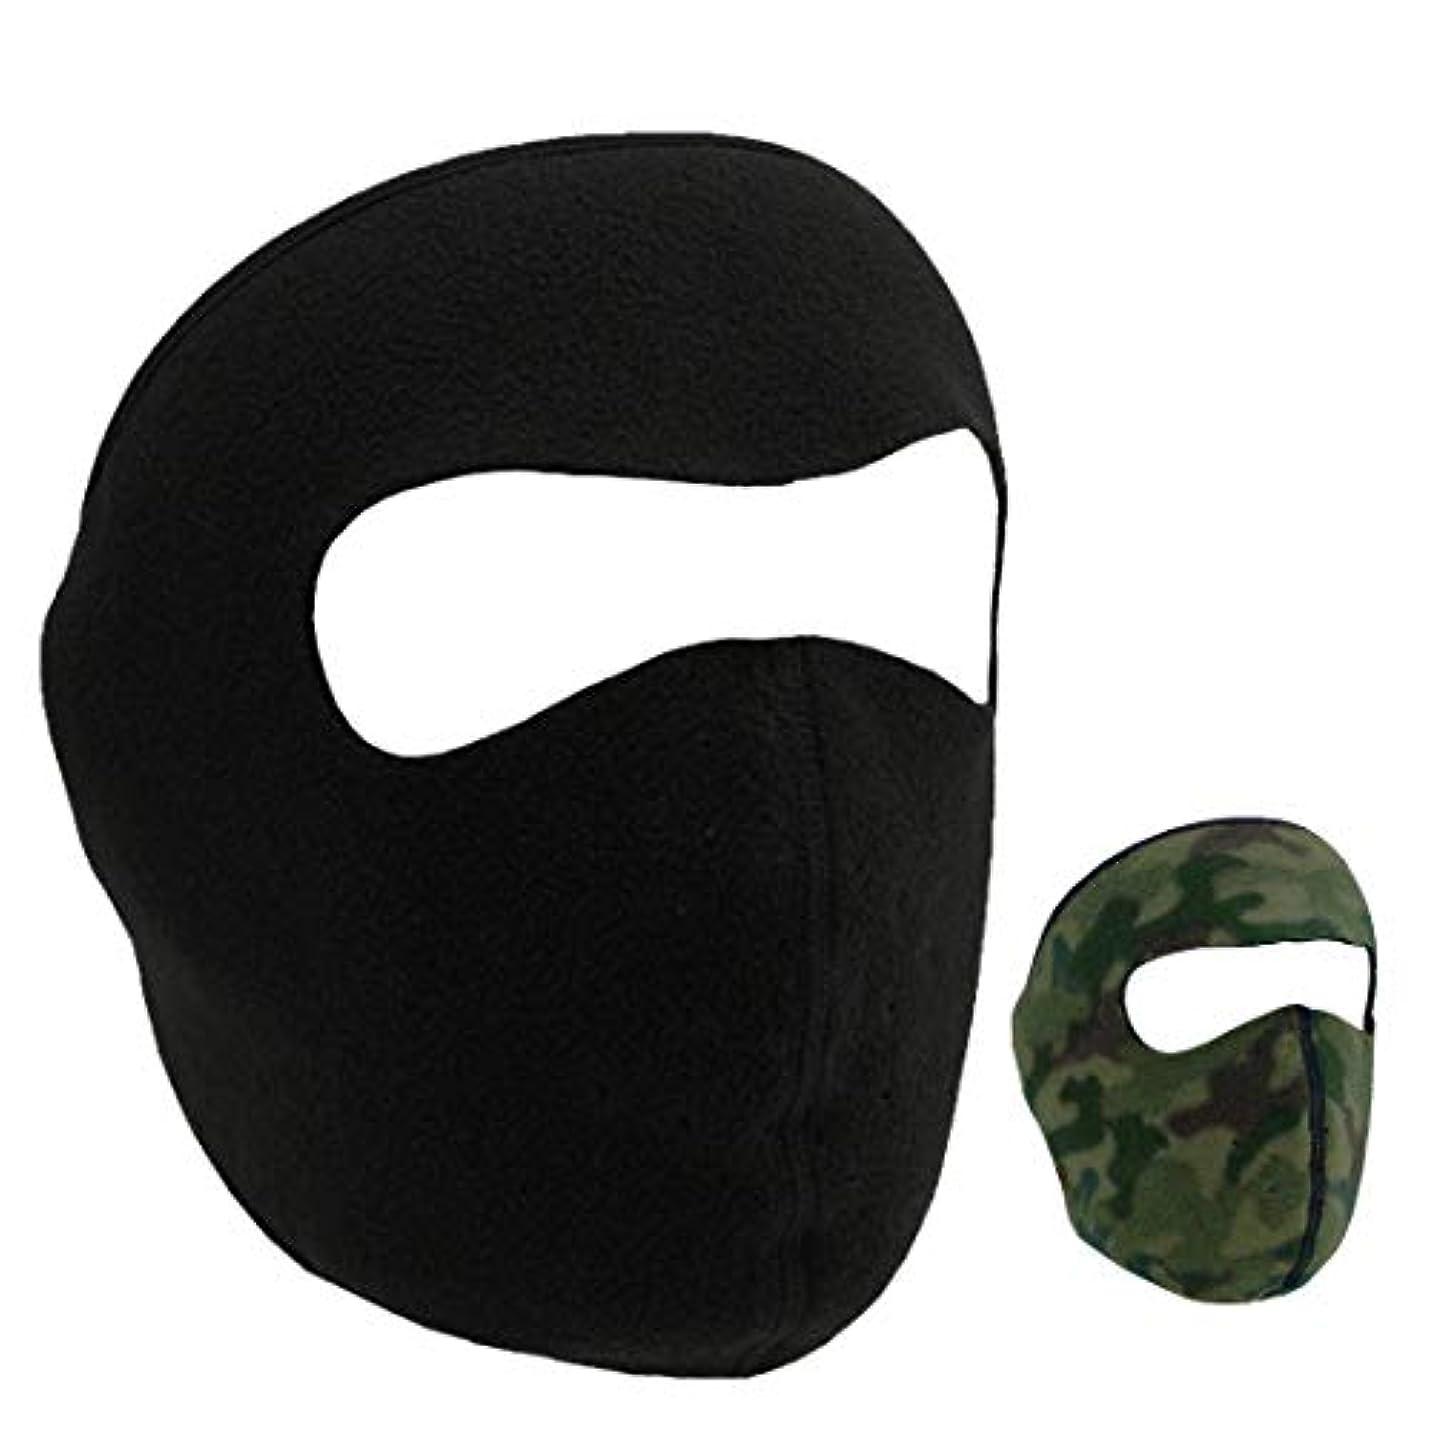 群衆吸収剤皮Airzir プレミアム3D通気性シームレスチューブフェイスマスク 防塵UV保護 Universal ブラック AIR-FM-PP